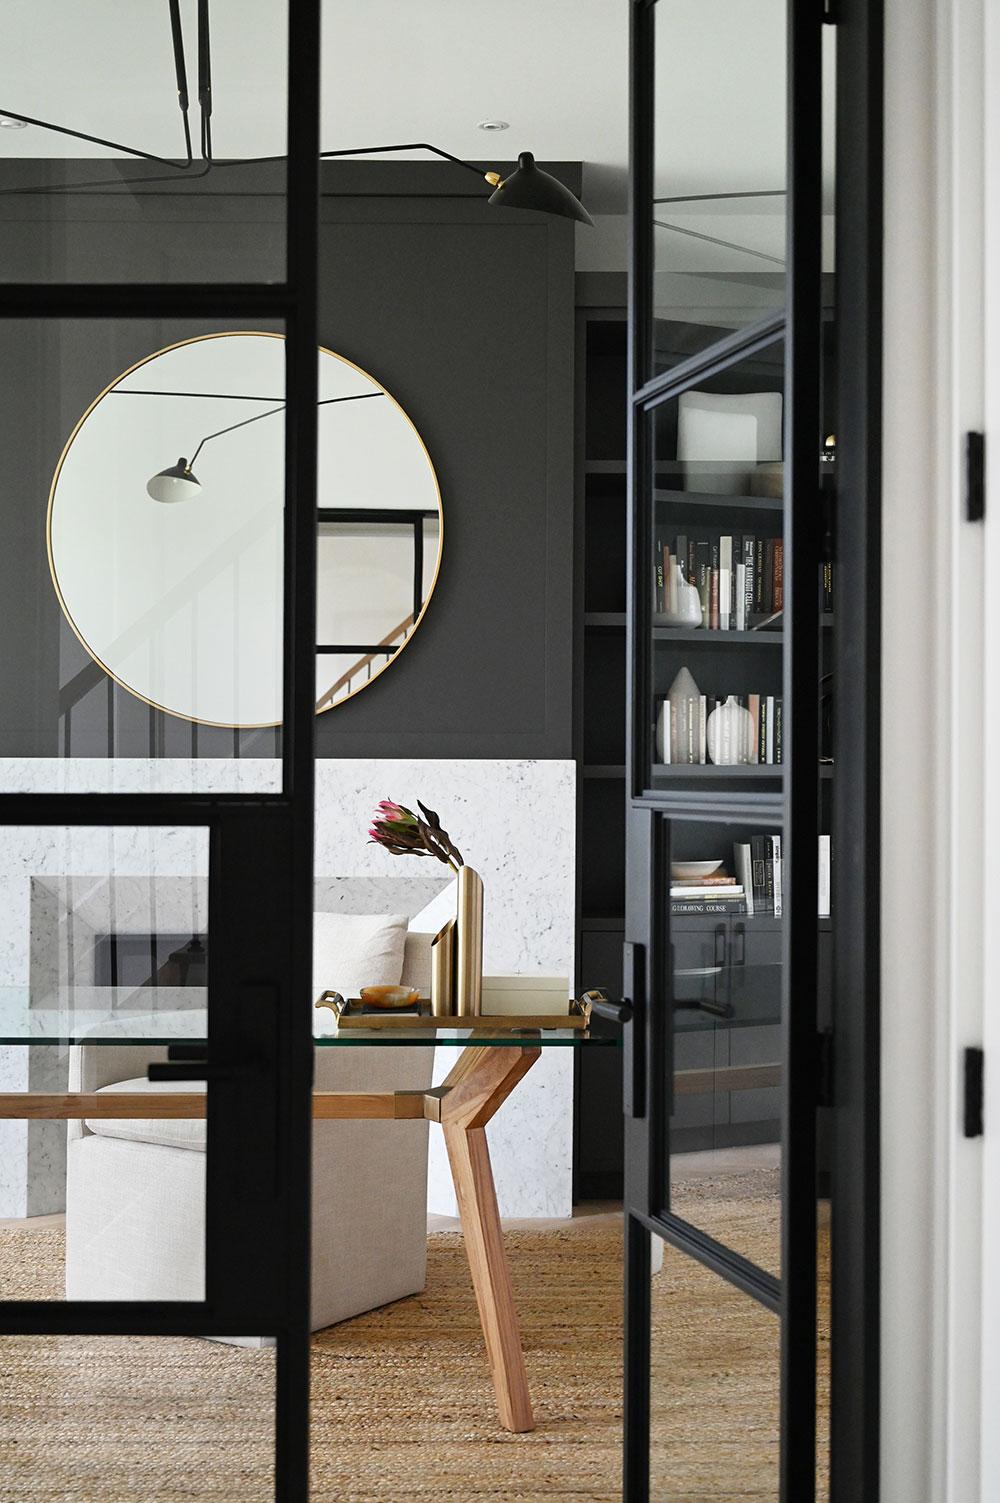 Роскошные индустриальные окна и тёплый современный дизайн: крутой интерьер дома в Канаде